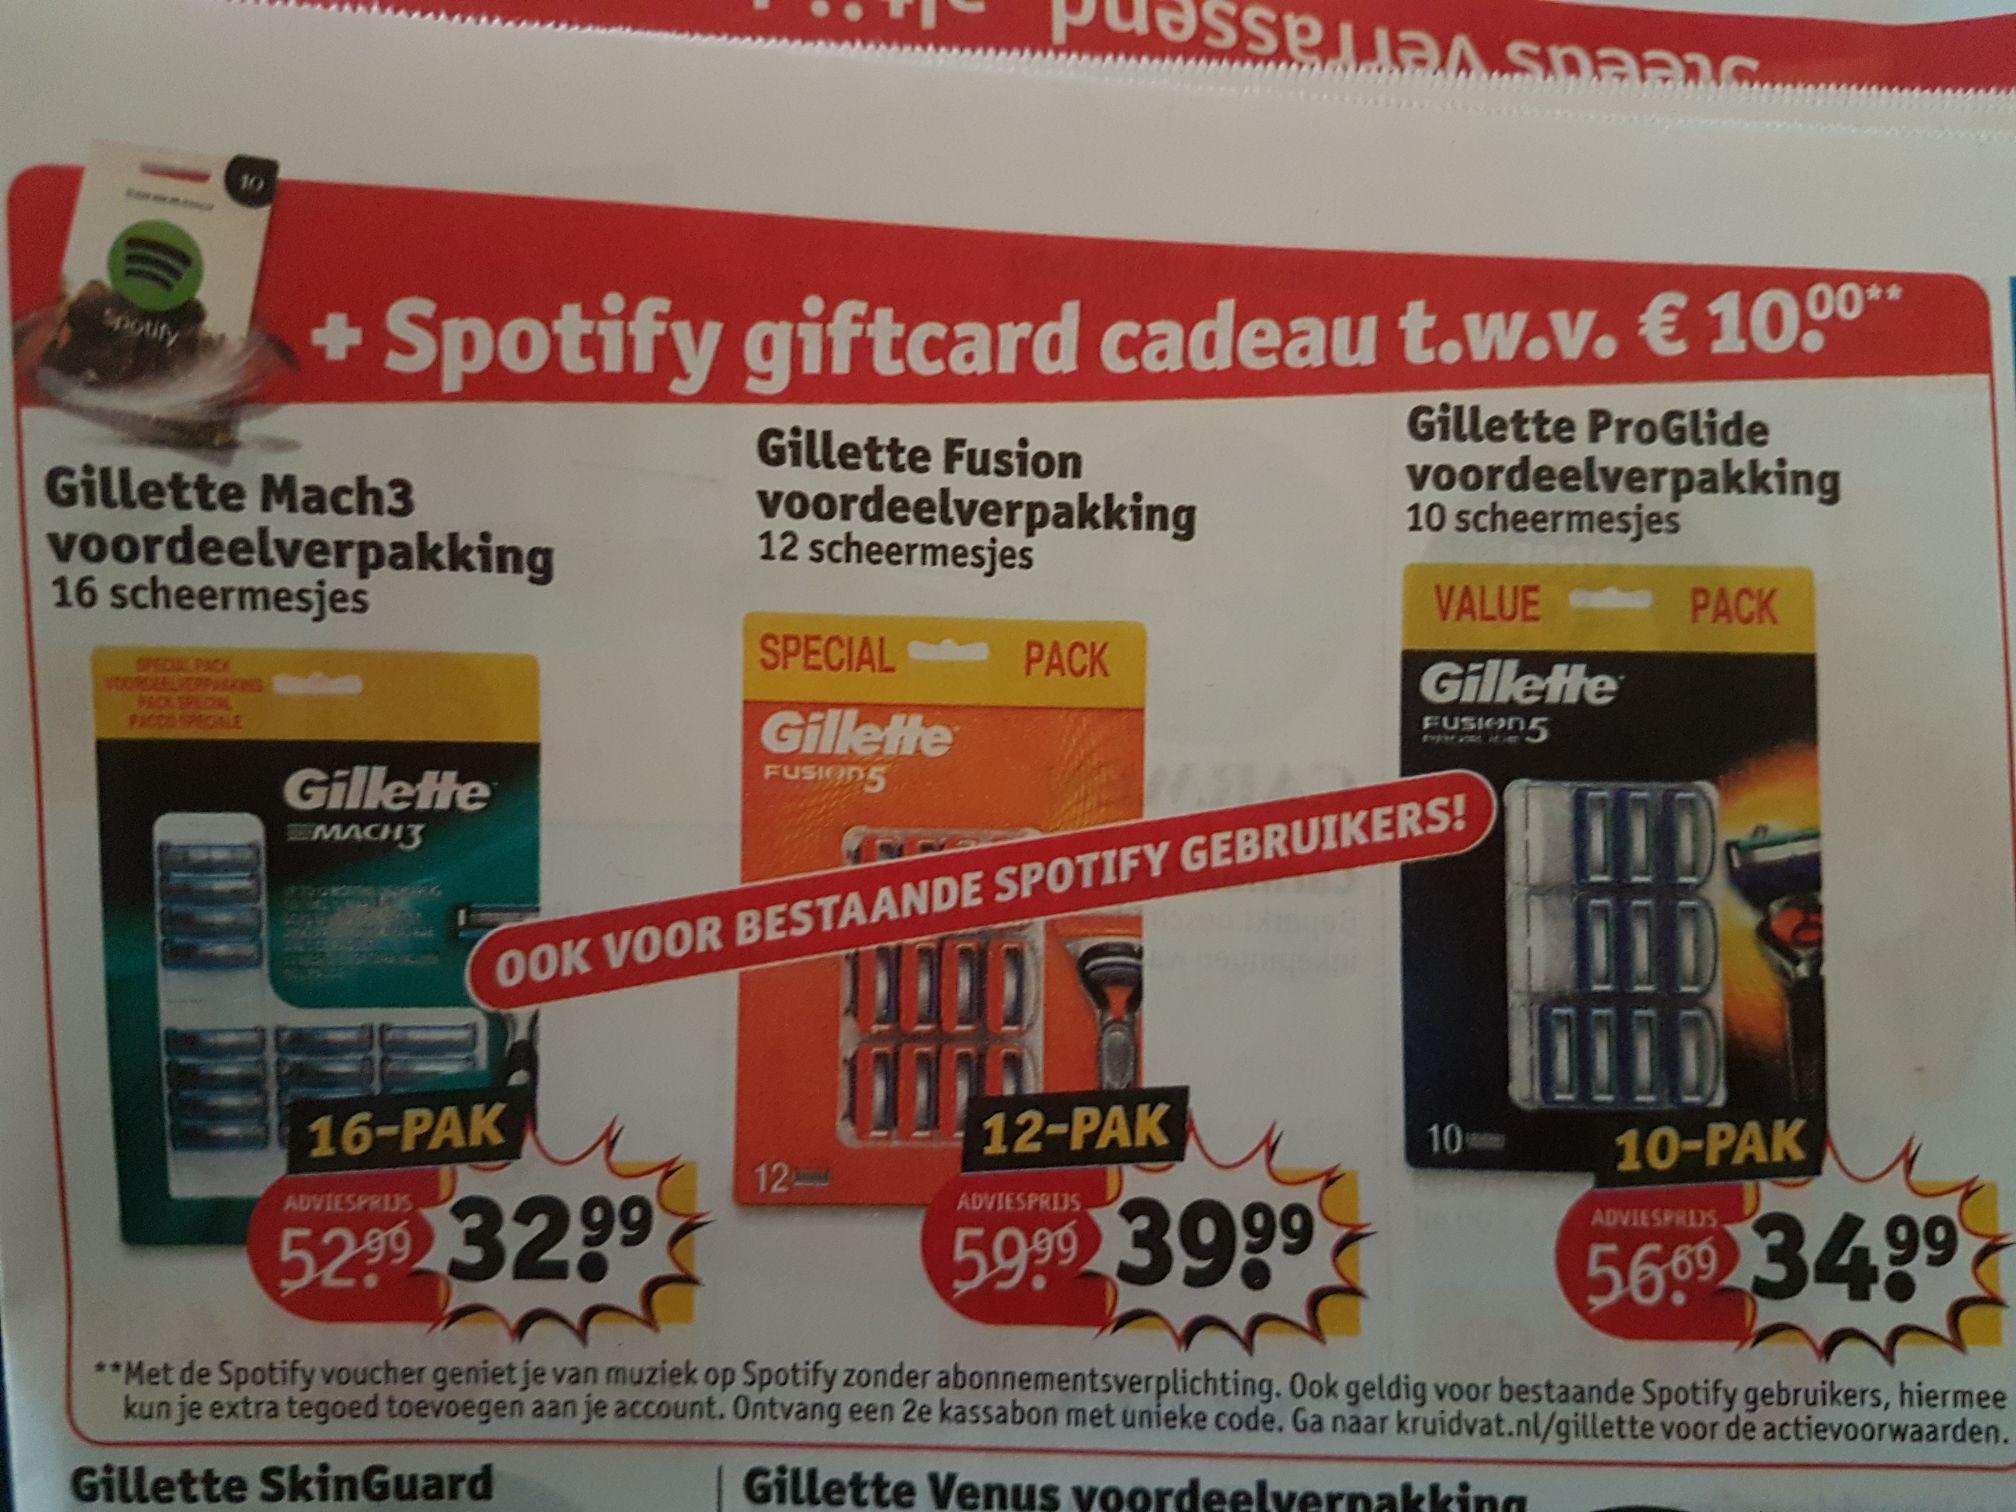 Gratis Spotify giftcard twv 10 euro bij aankoop voordeelverpakking Gilette Mach3, Fusion of Proglide